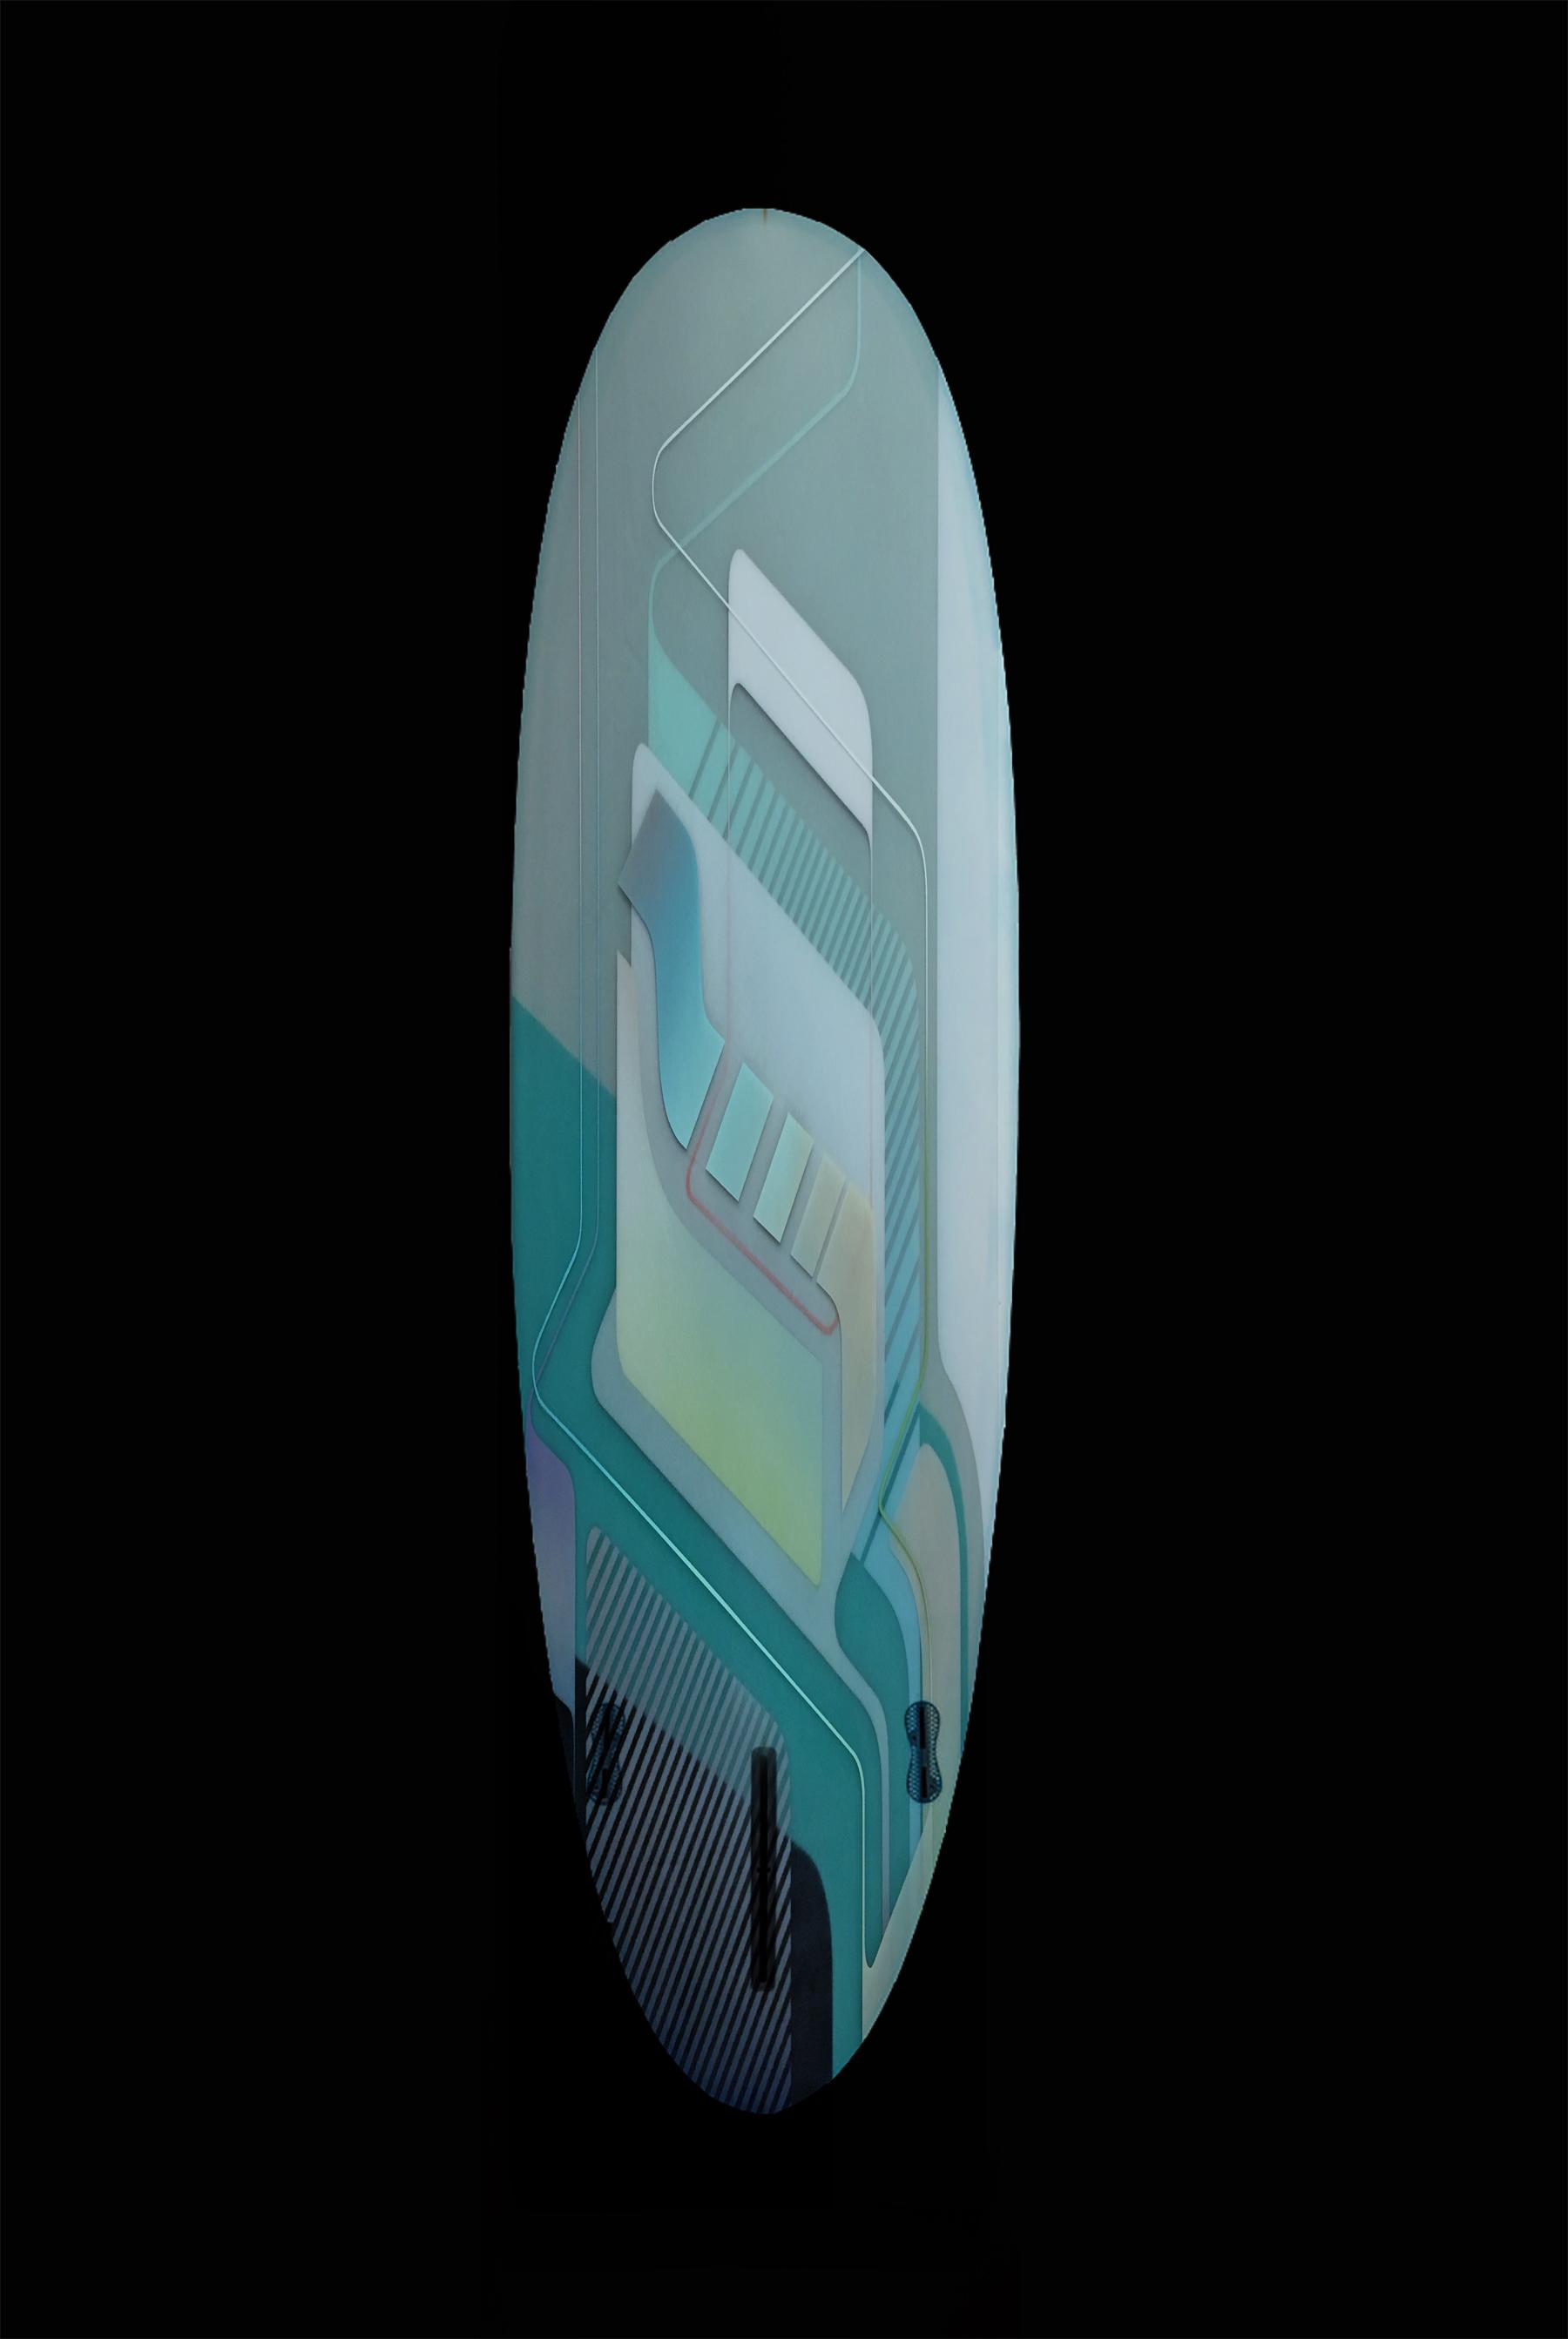 Maluku Genie 3 Fin Surfboard